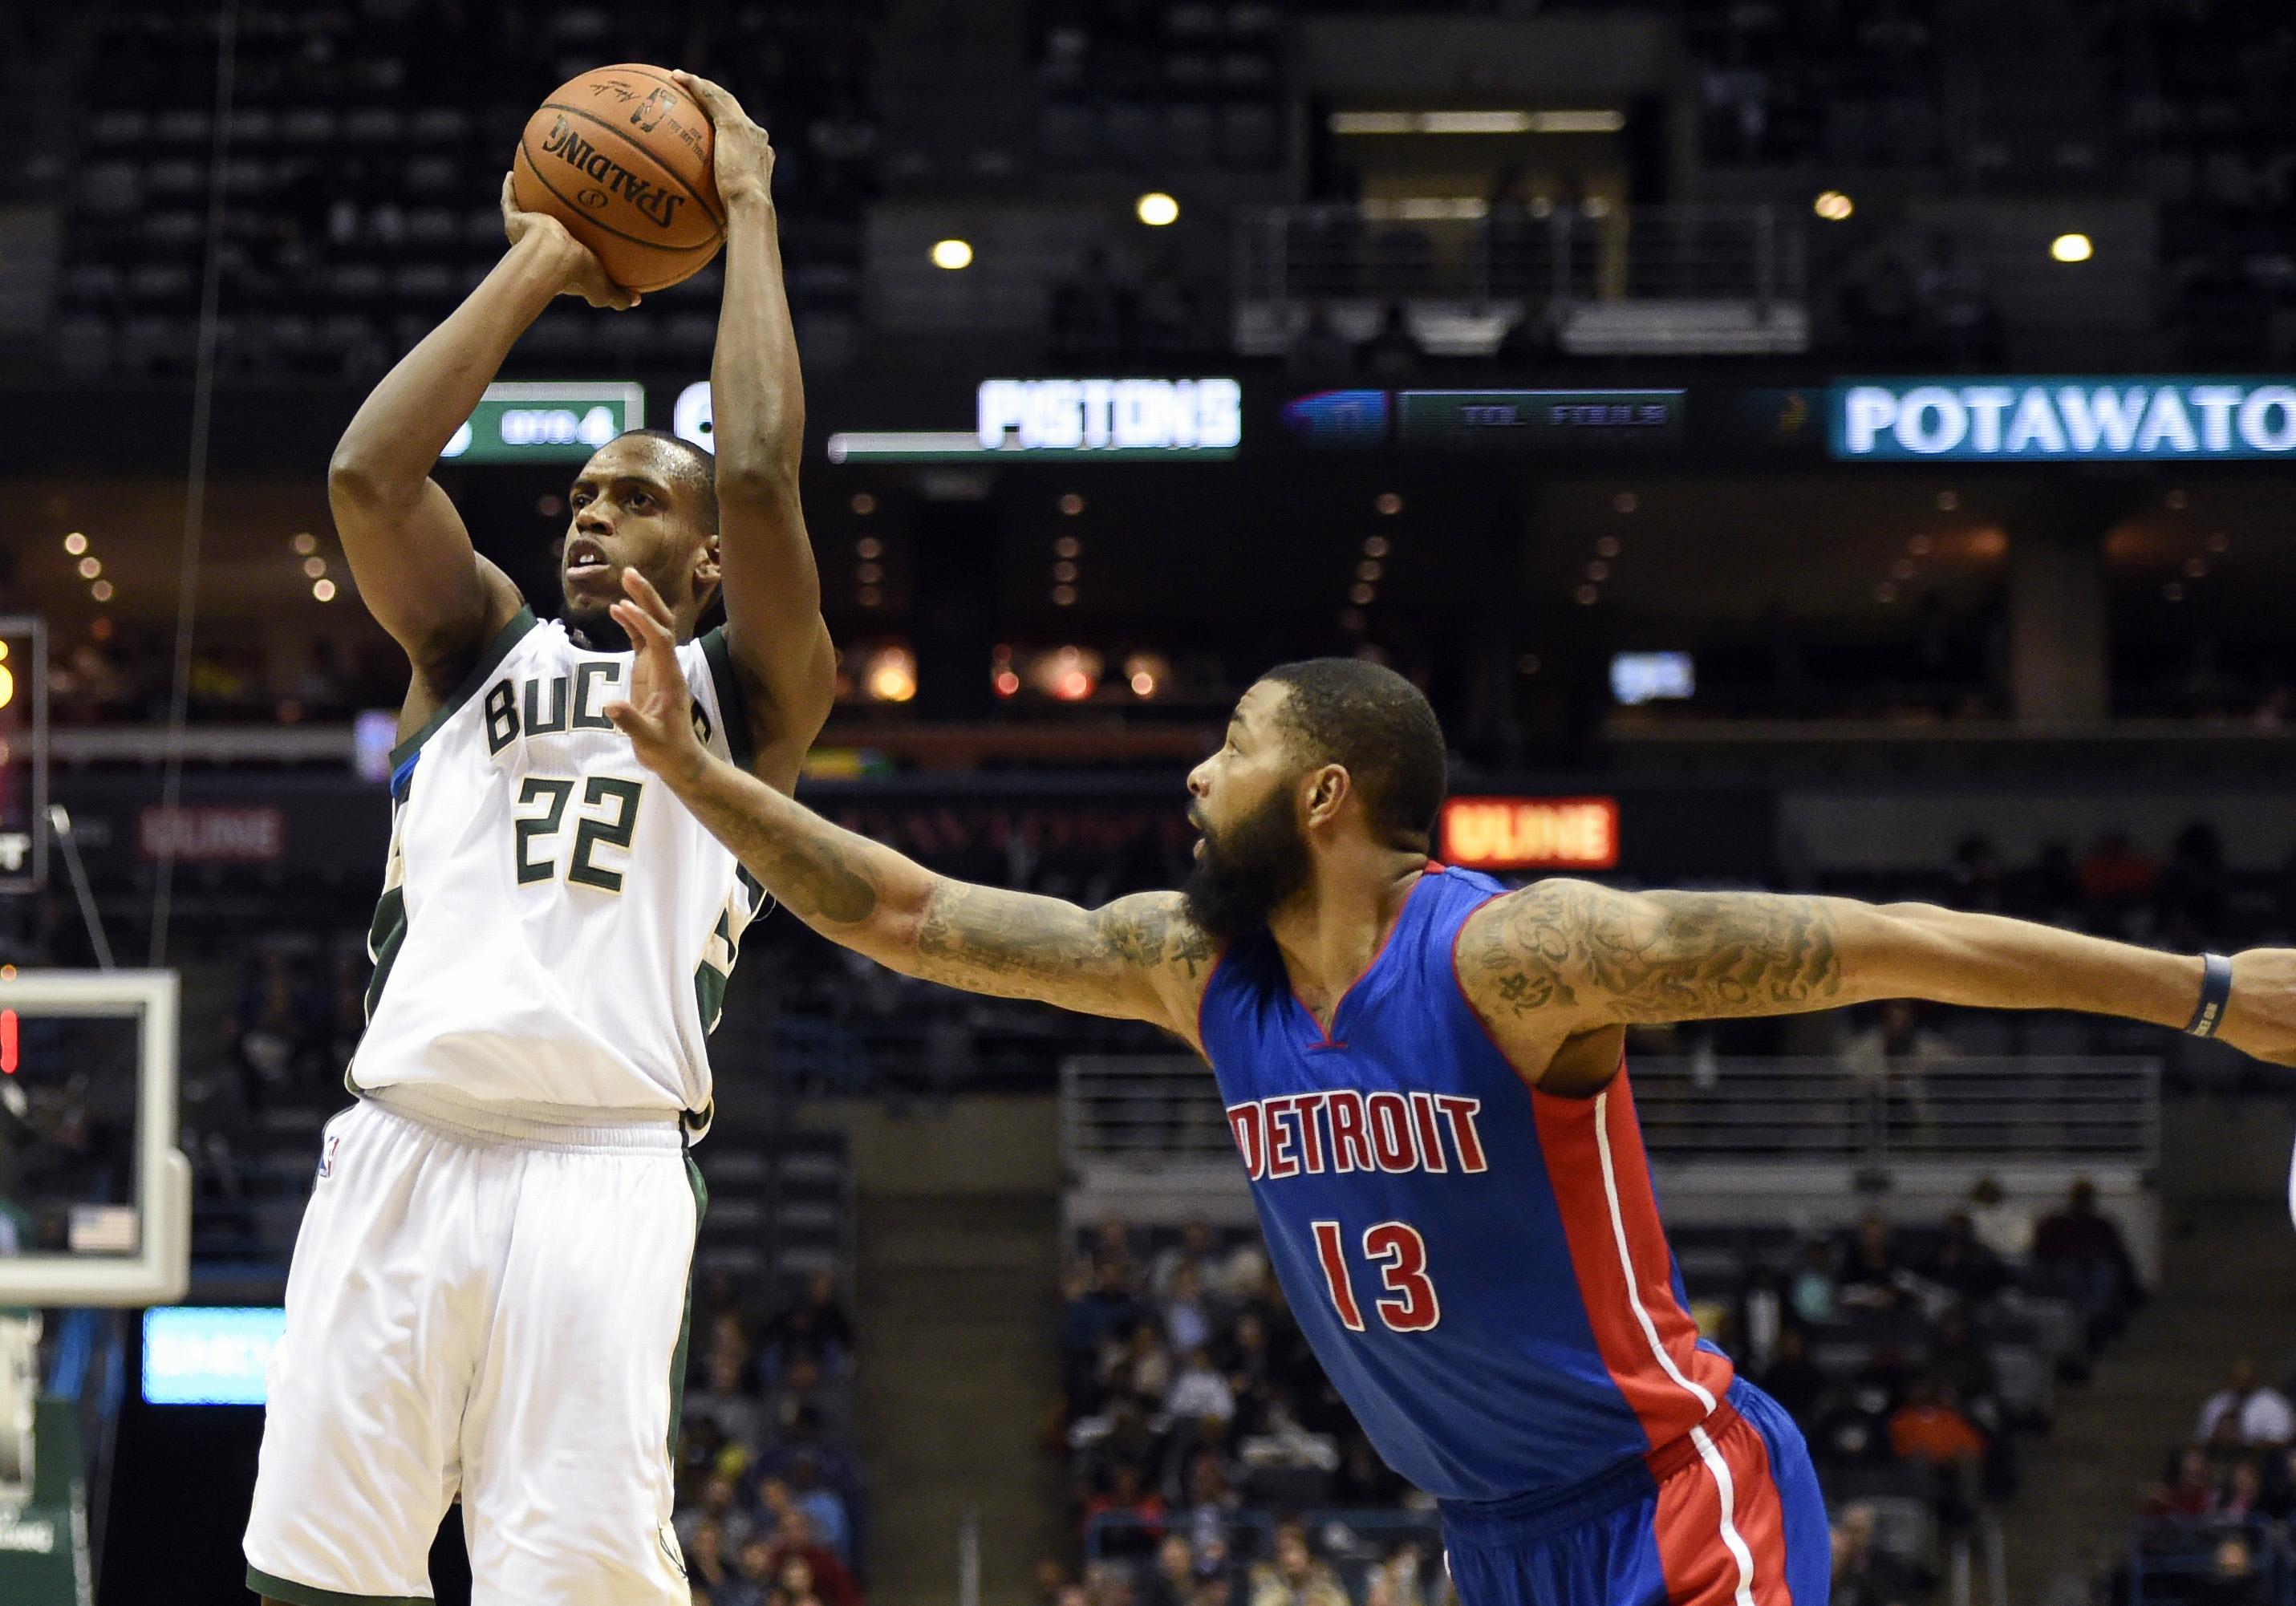 Bucks 102, Pistons 89